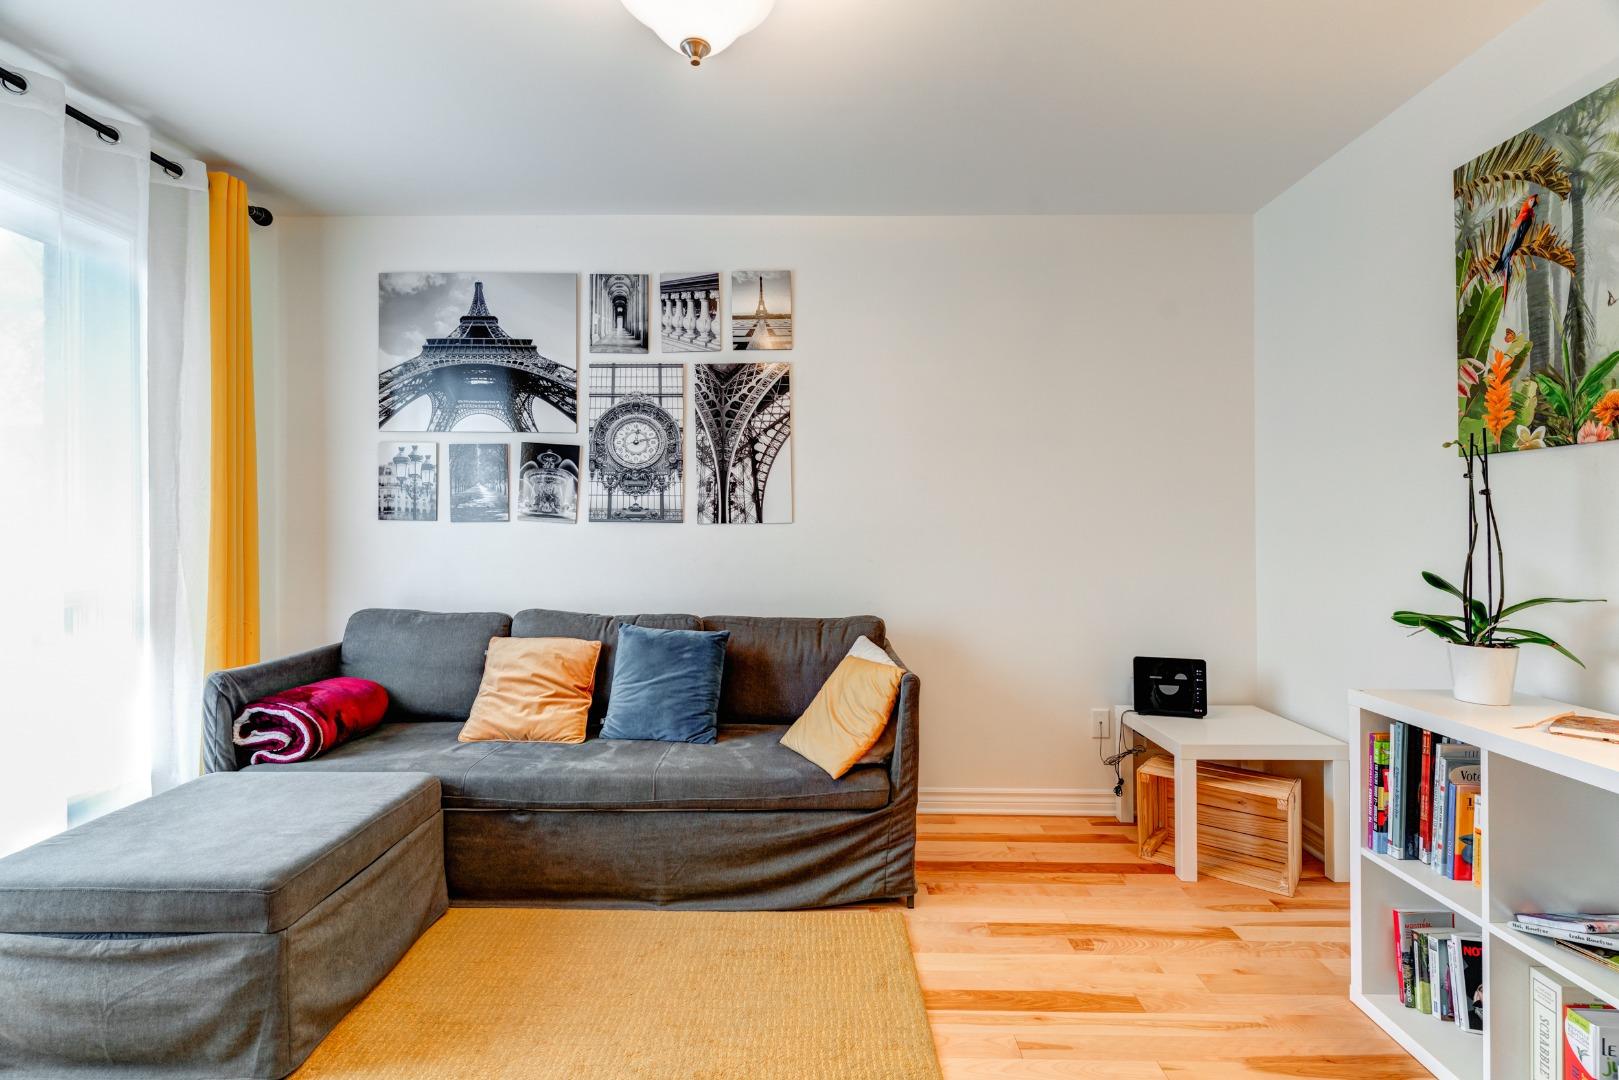 immophoto_-_Appartement_-_7074_de_Lorimier_-_es-6.jpg